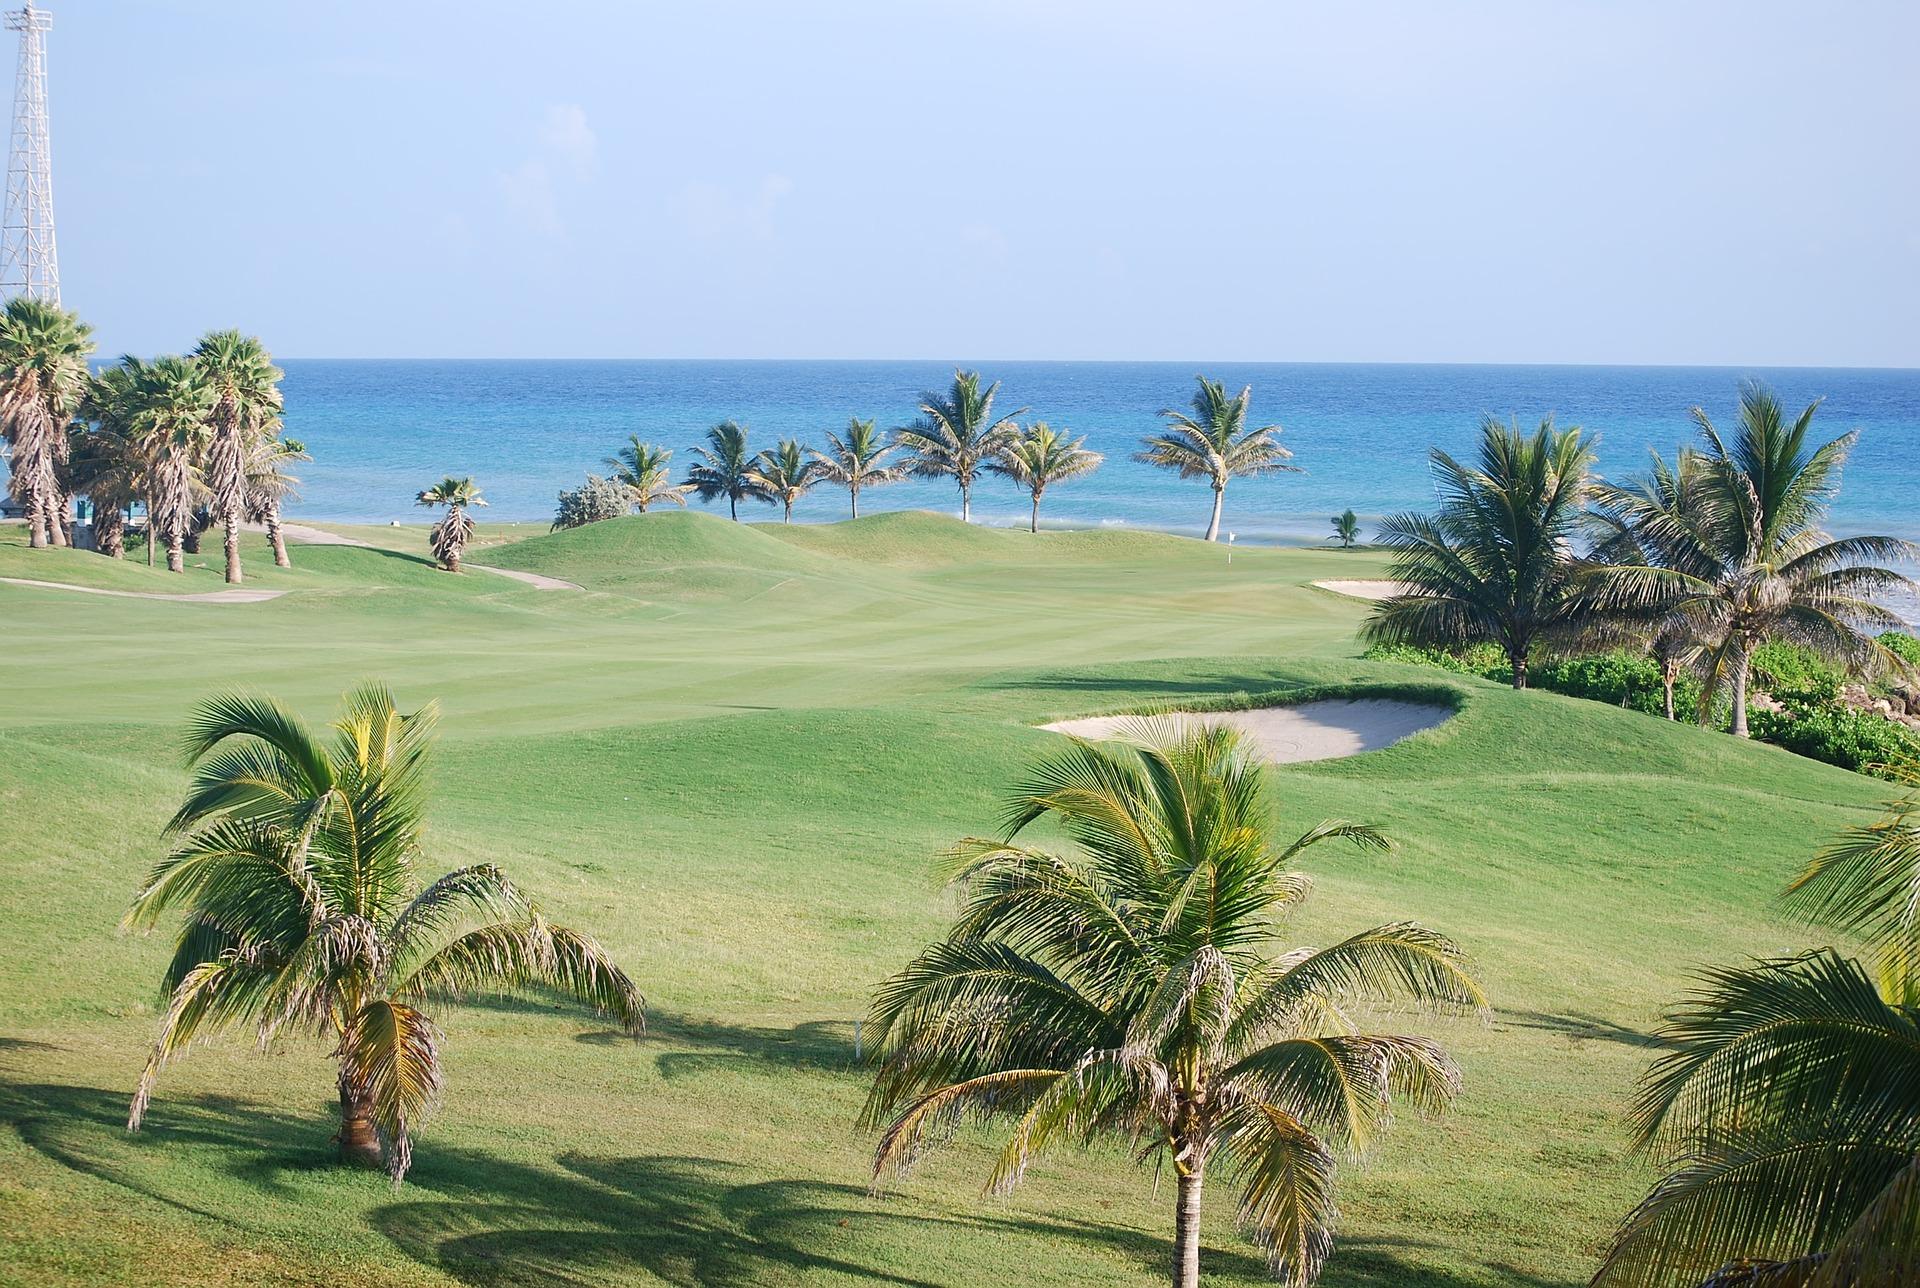 jamaica-816669_1920